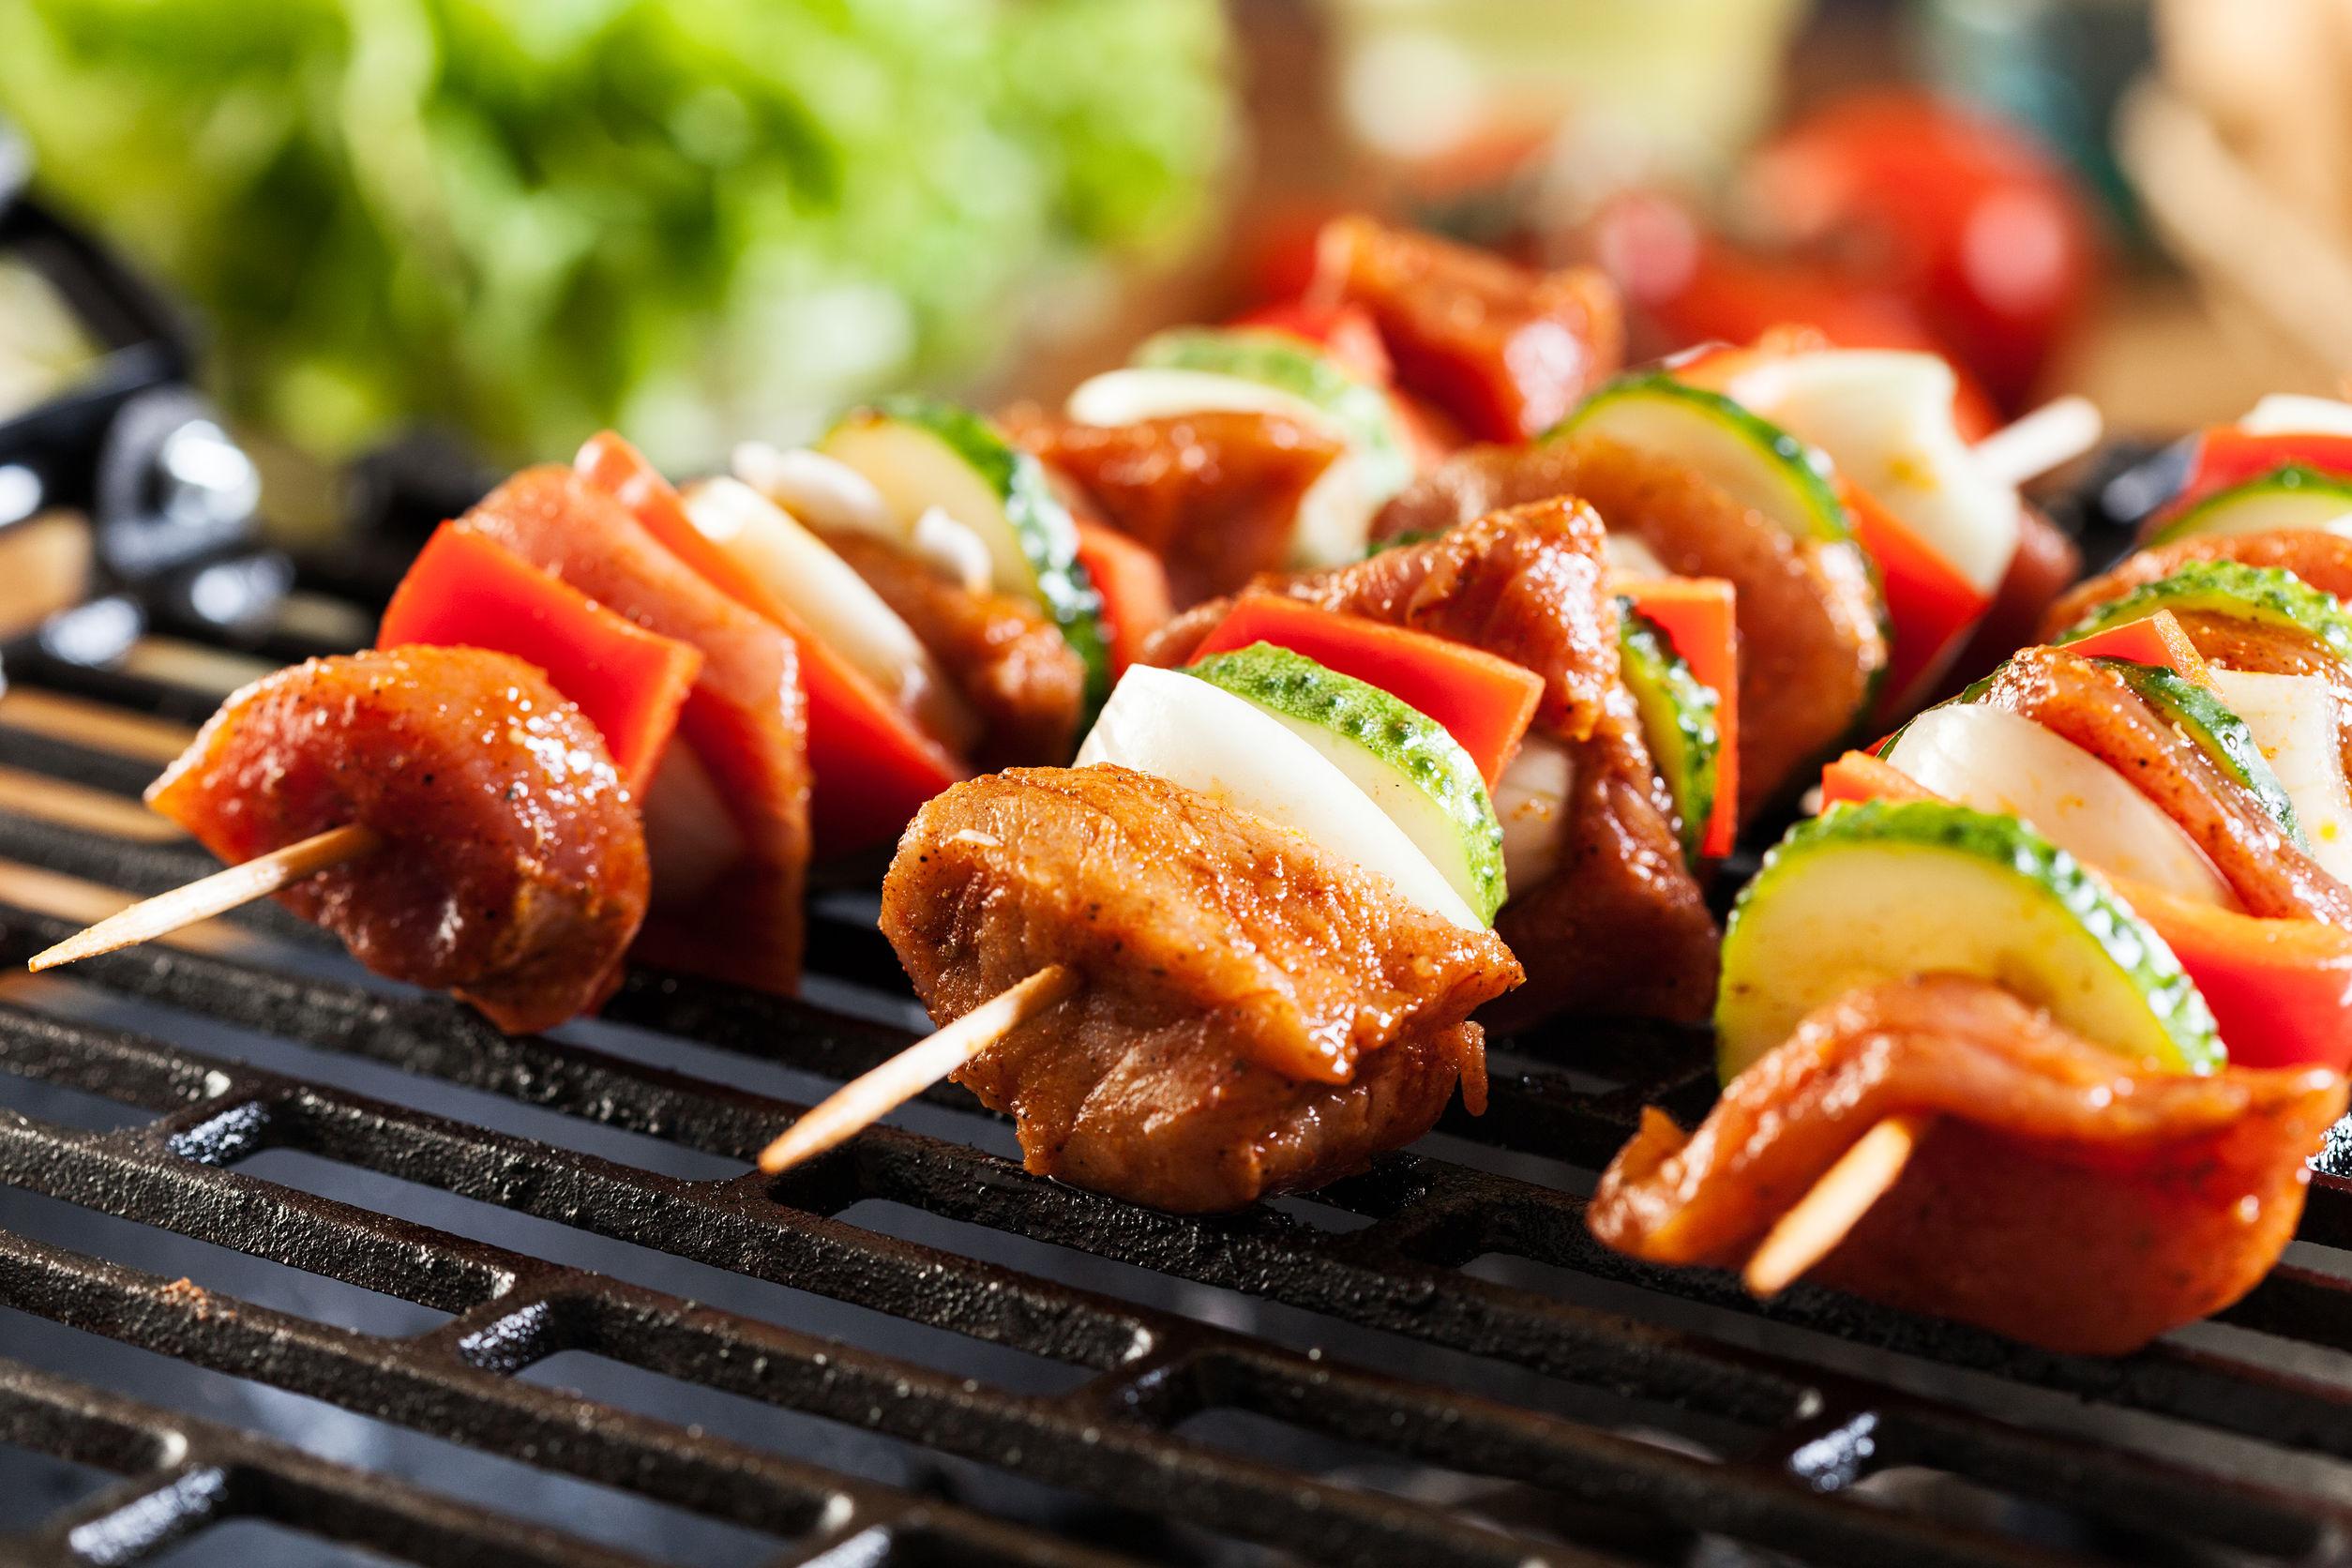 Les modes de cuisson des aliments